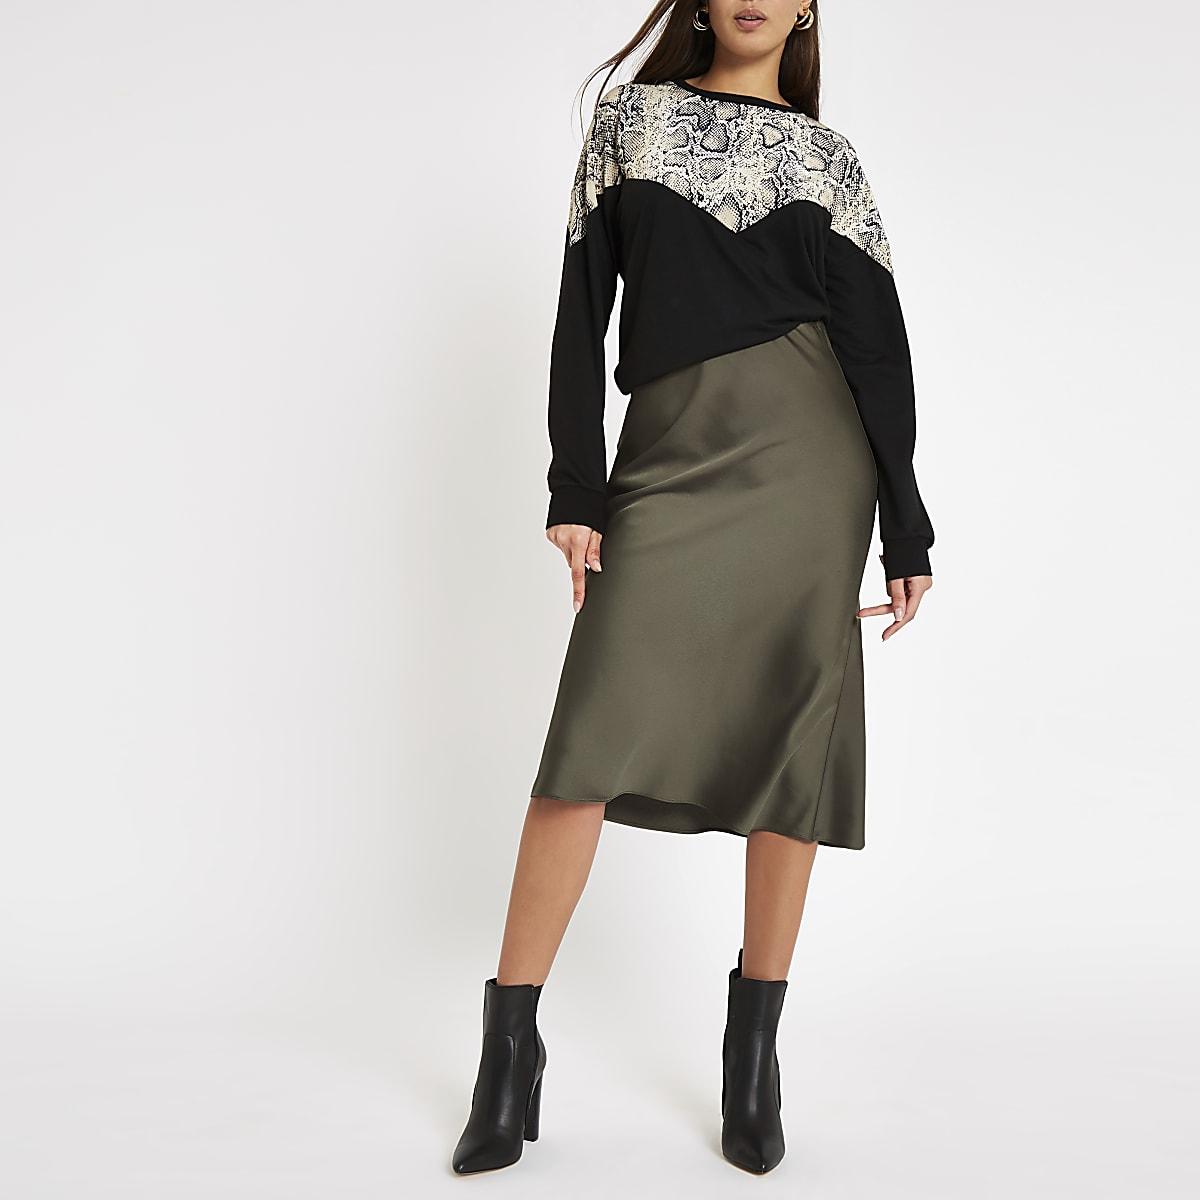 Khaki bias cut midi skirt